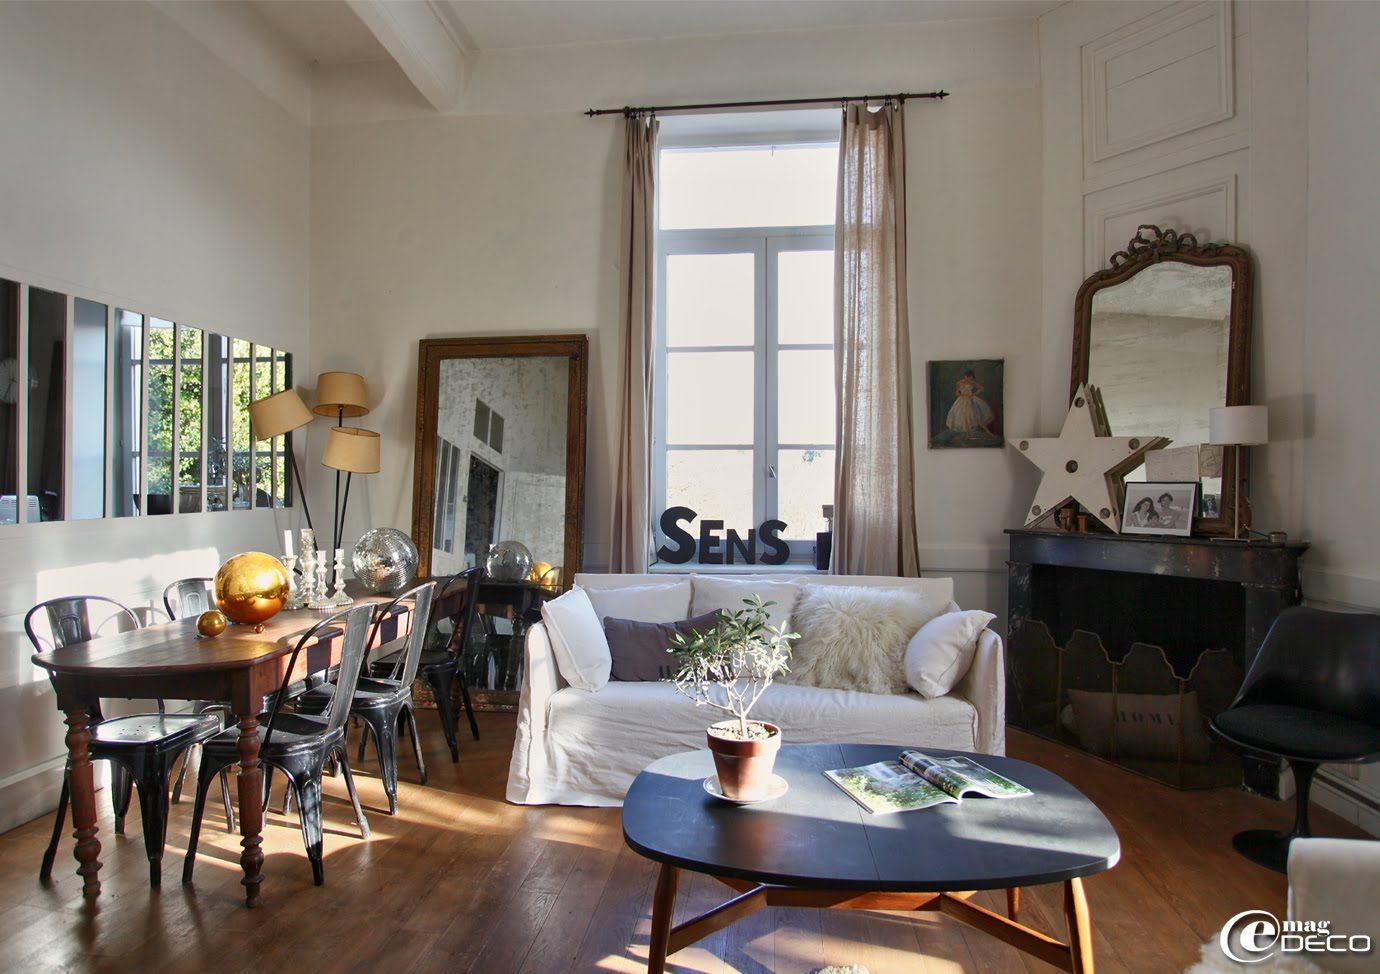 Как в париже: французский стиль в интерьере